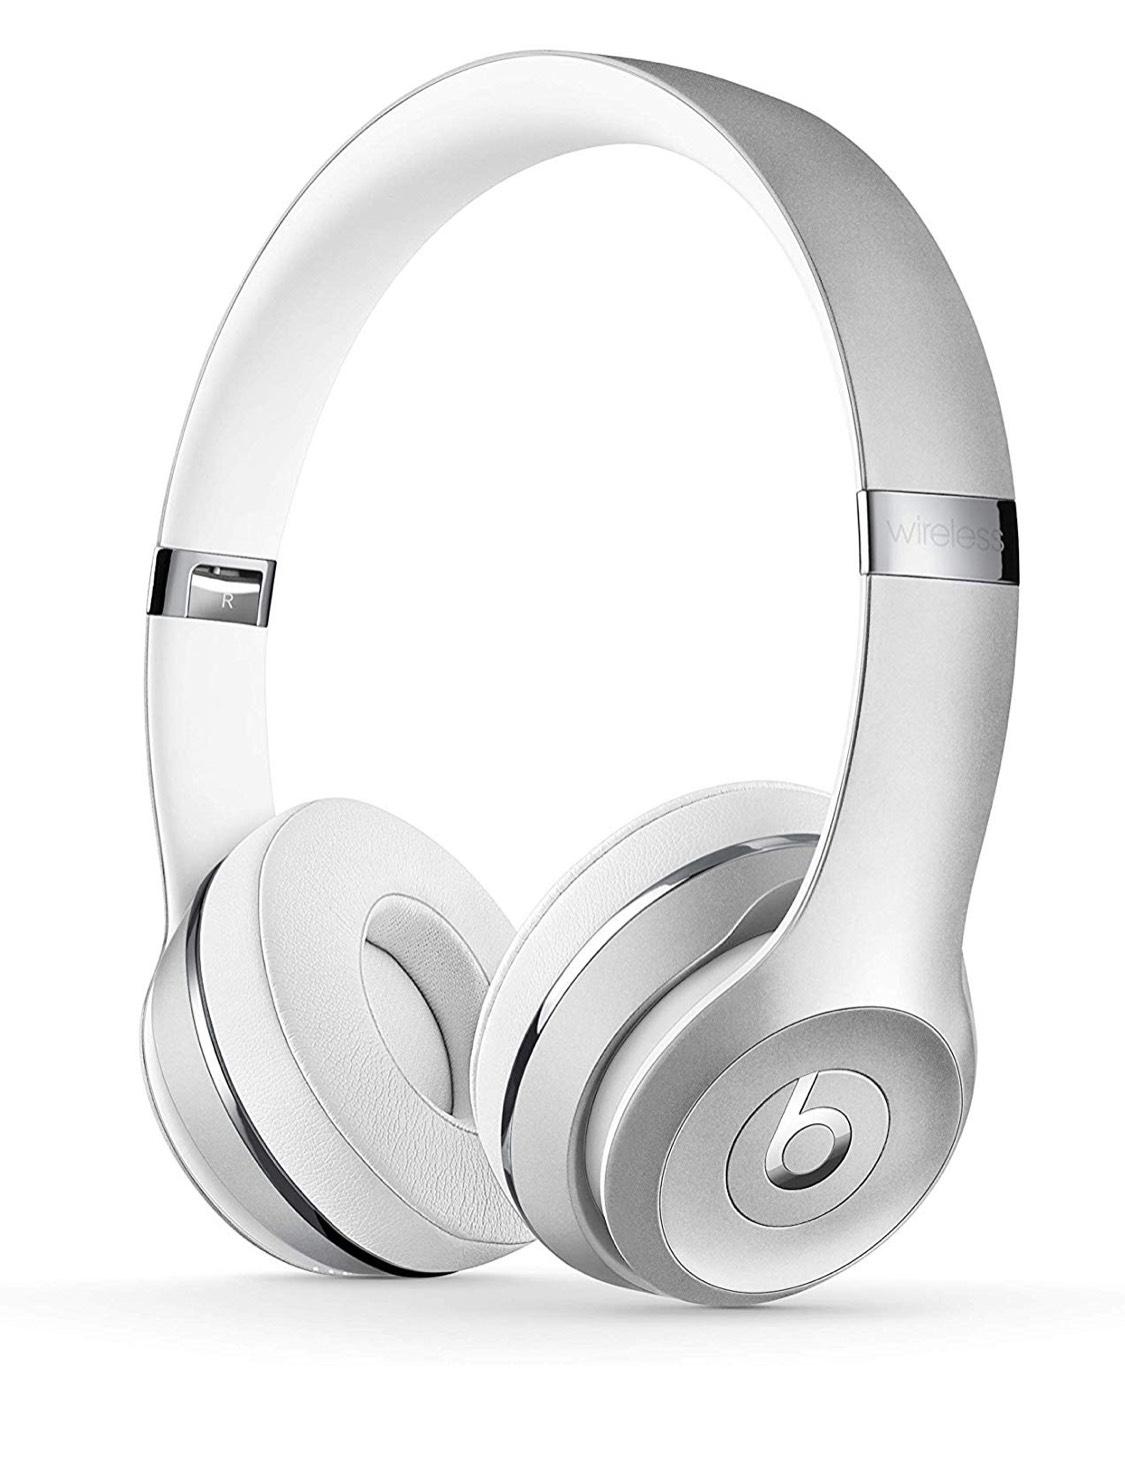 Beats Solo3 Wireless On-Ear Headphones - Silver - £129.95 @ Amazon